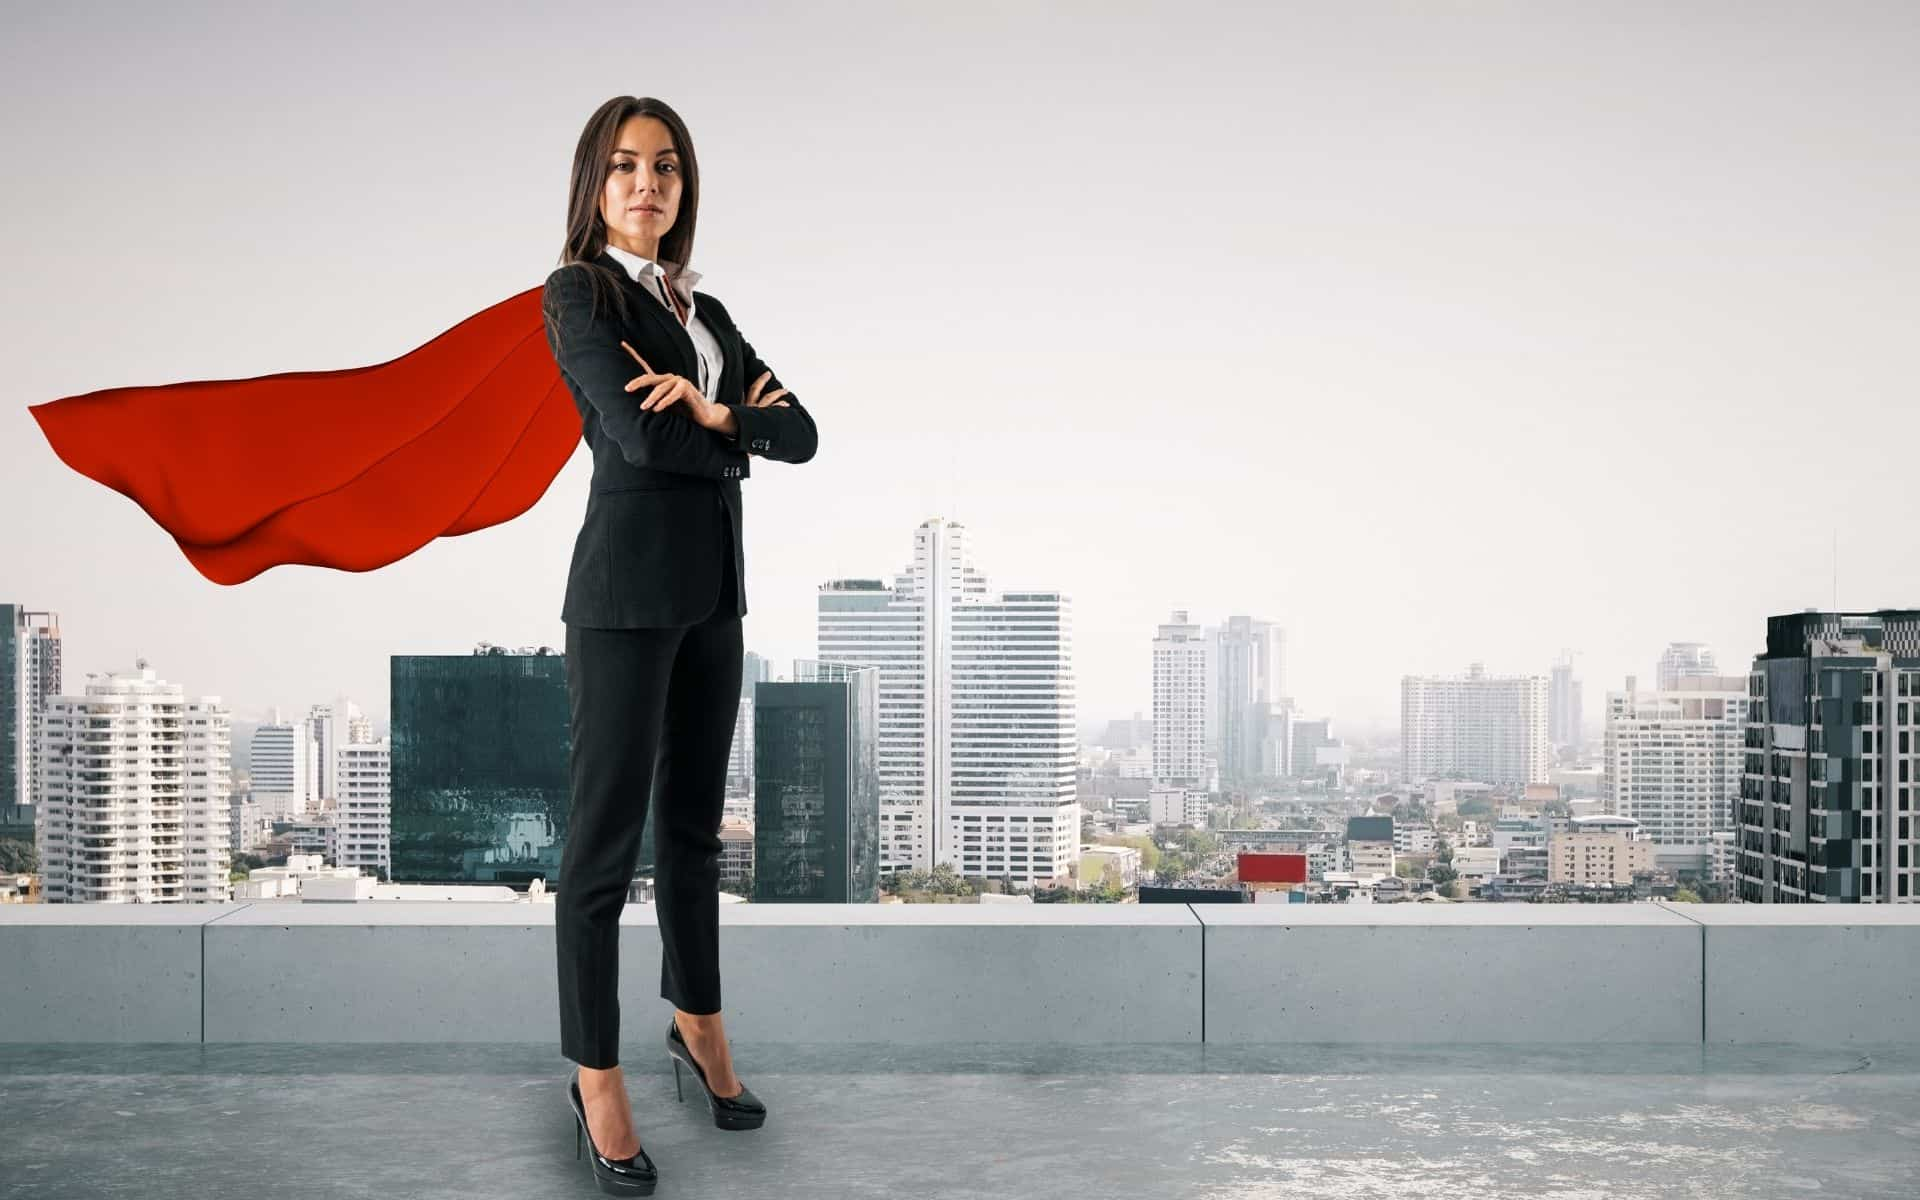 femme working girl en costume de superwoman